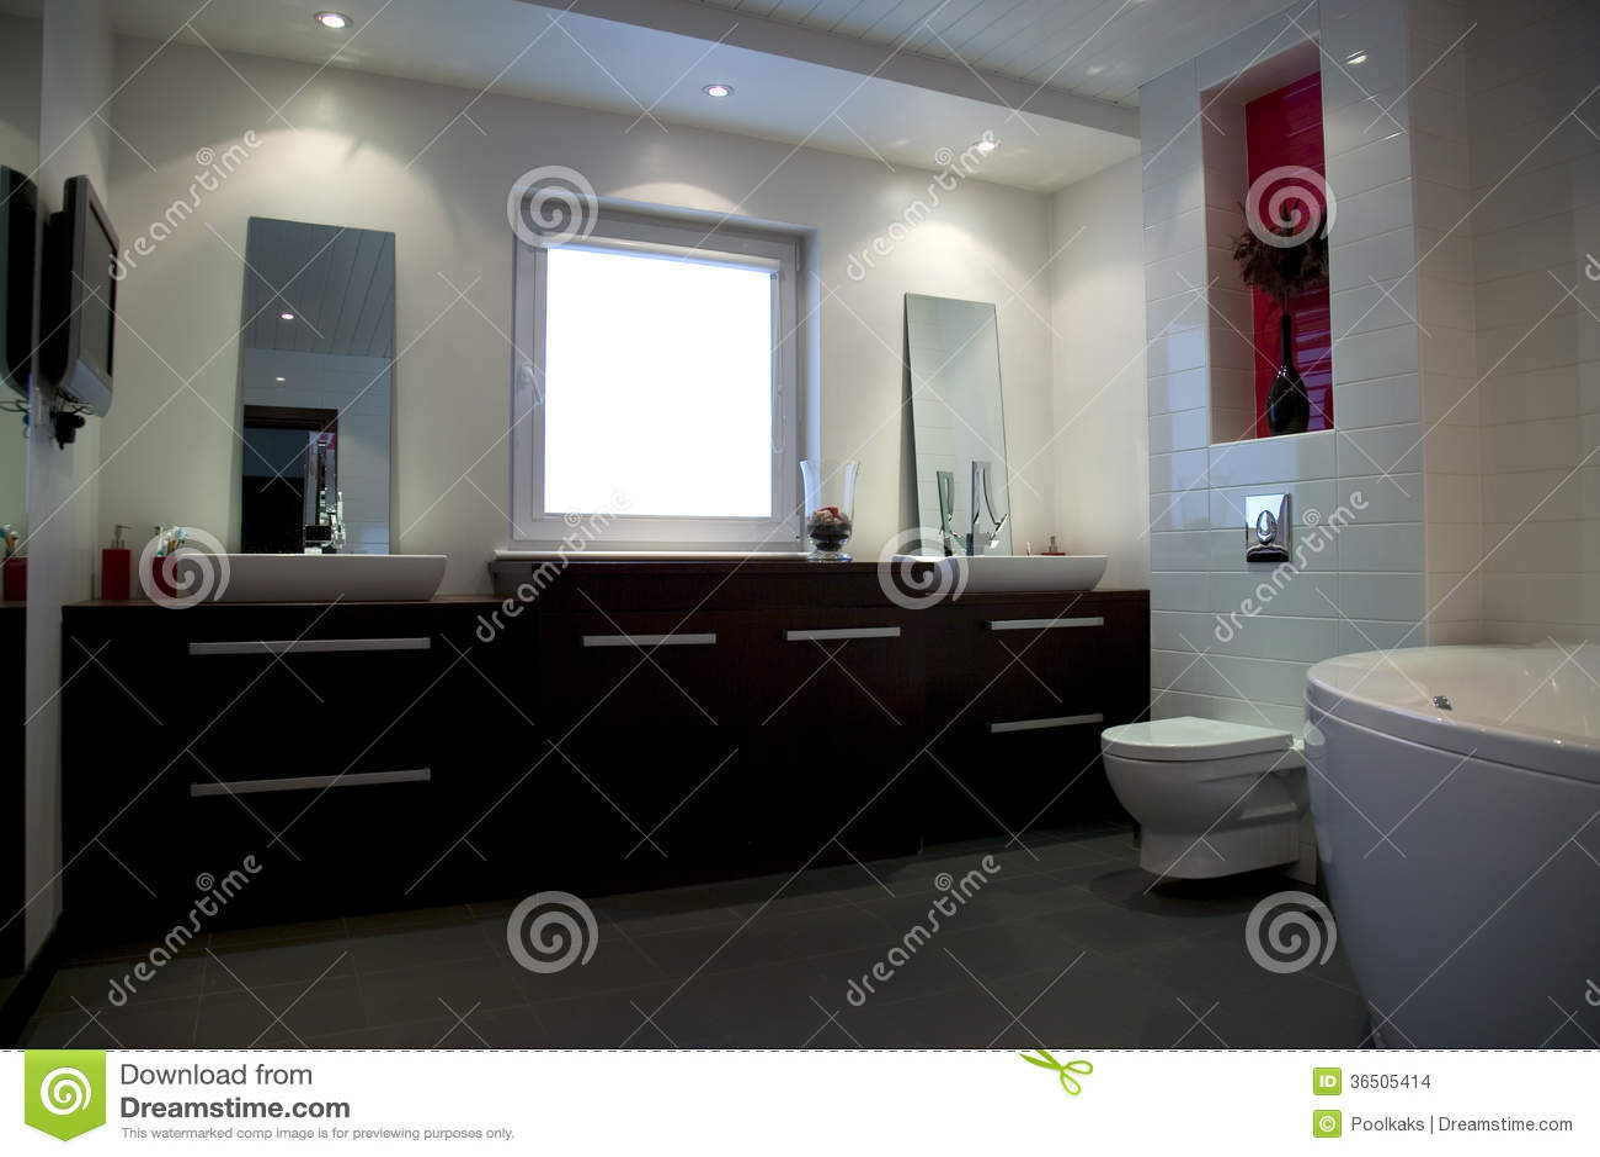 Cuarto De Baño Blanco Moderno Con Muebles Marrones Foto de archivo ...